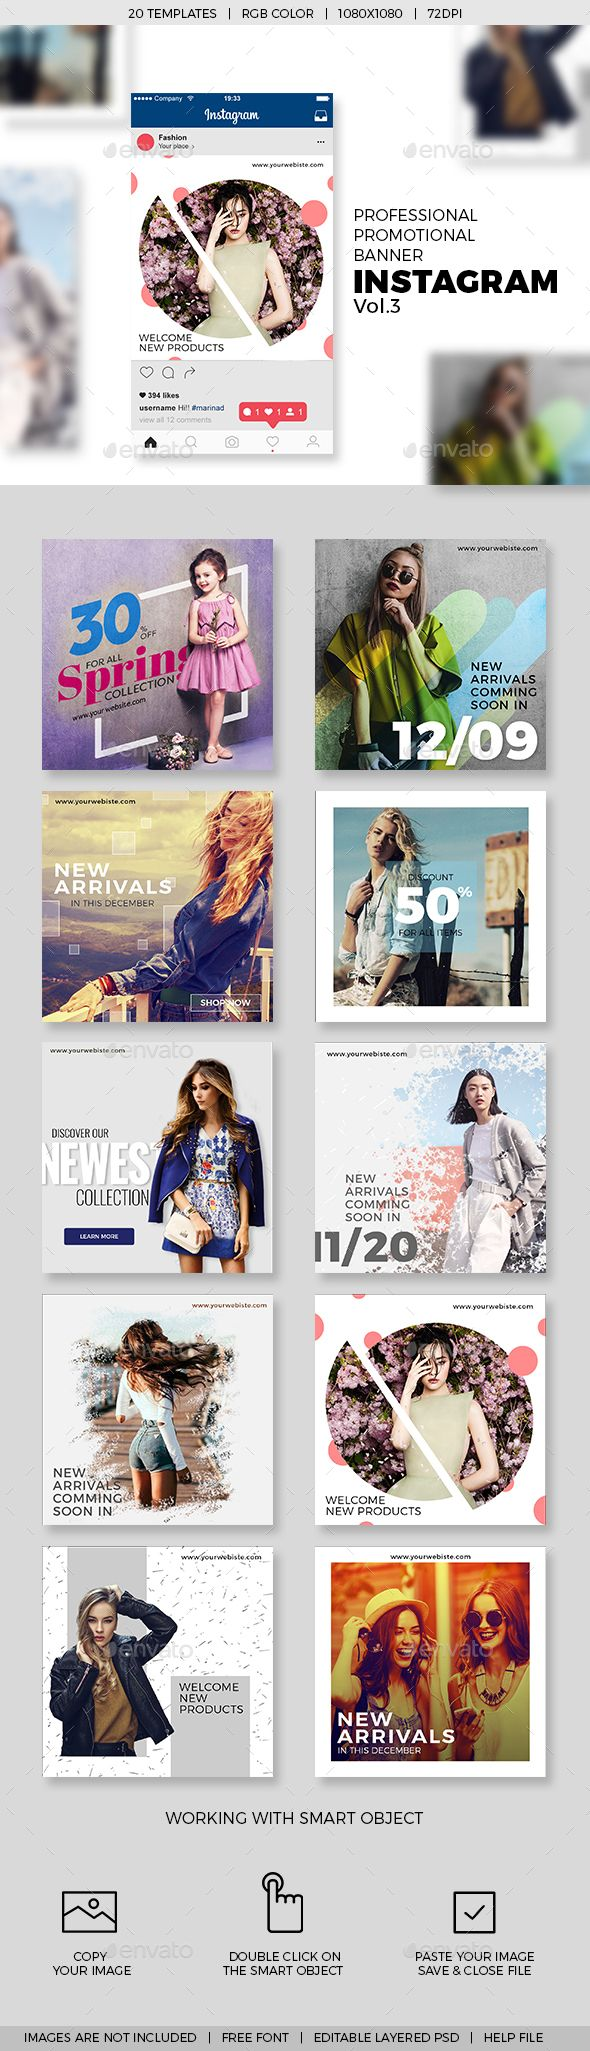 10 Instagram Promotional Banner Templates V.03 - #Social Media Web Elements